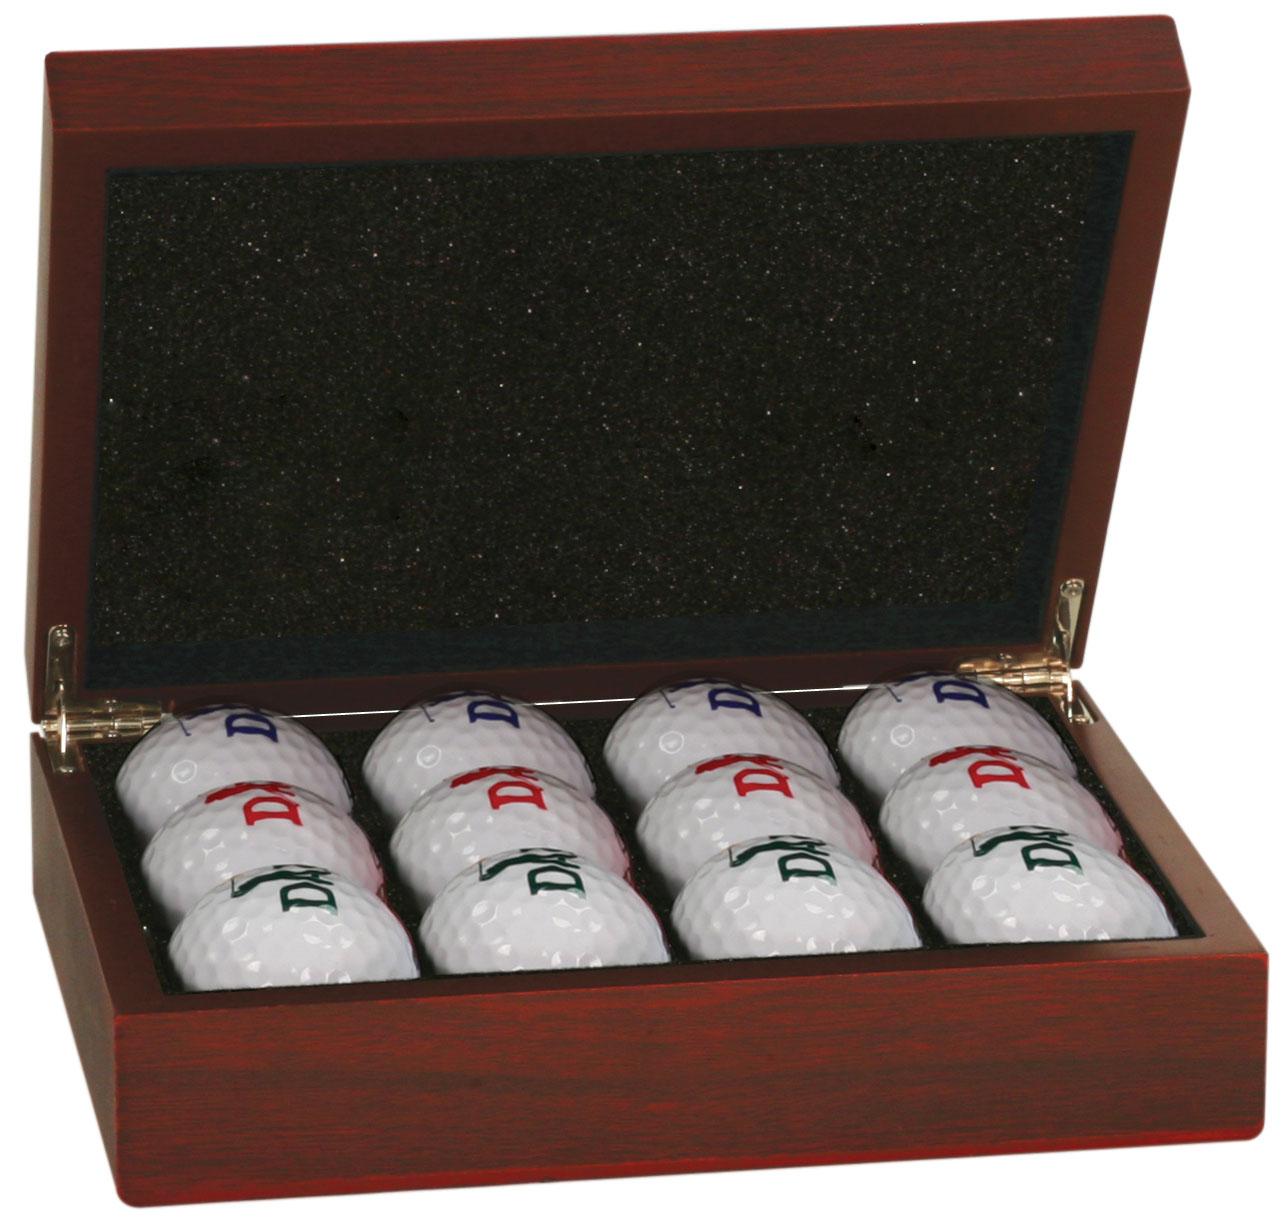 Details about  /1 Set Golfbälle Golfballbeutel Golfzubehör Golfwerkzeuge für den Außenbereich